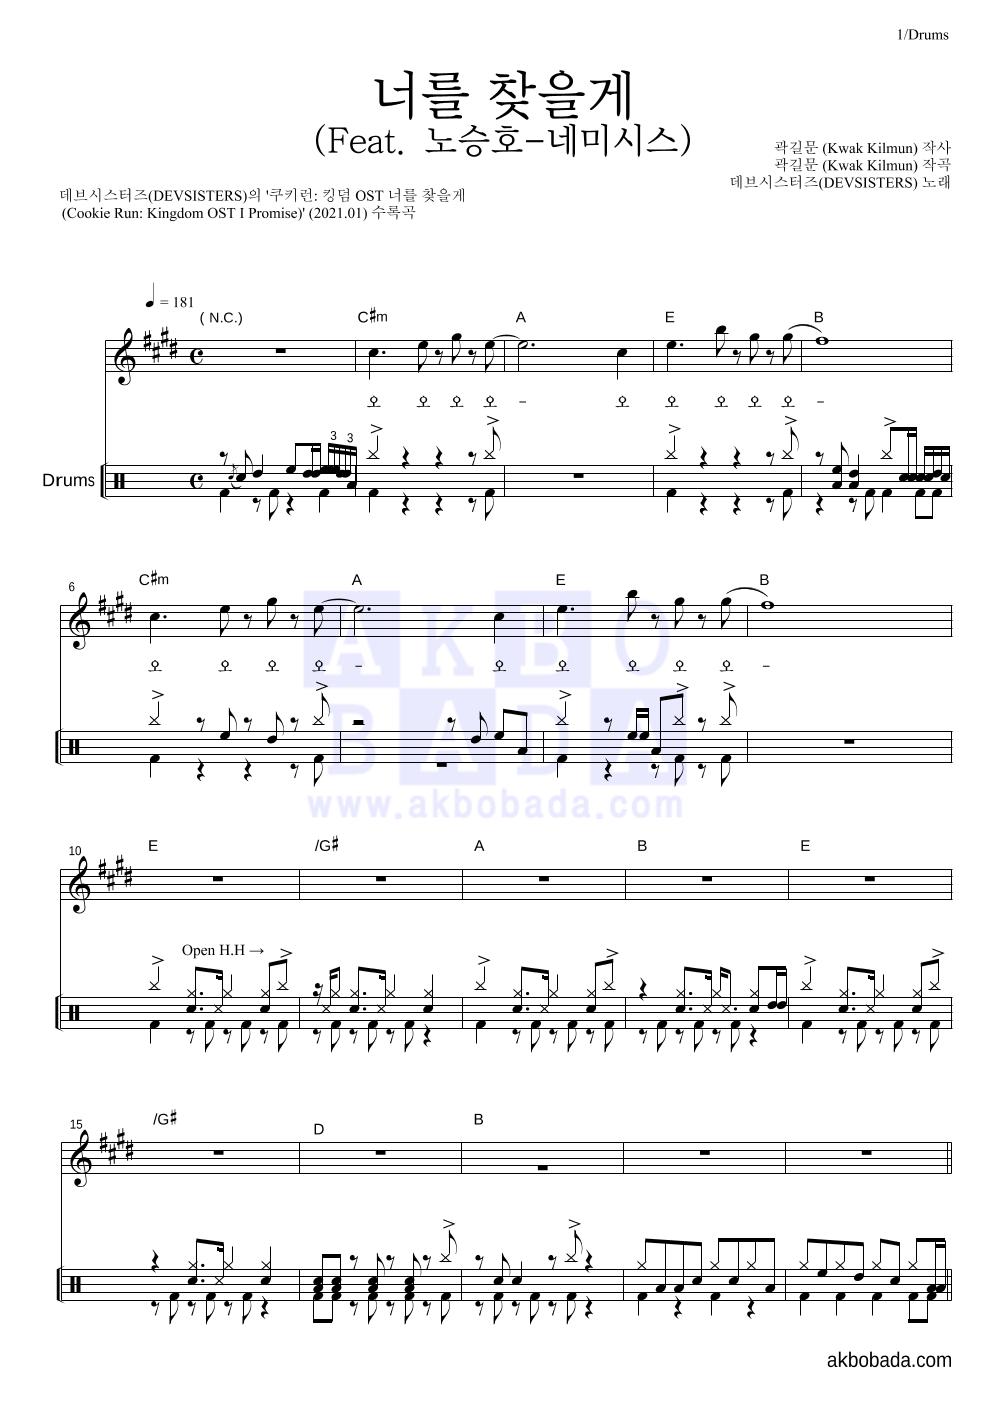 데브시스터즈 - 너를 찾을게 (Feat. 노승호-네미시스) 드럼 악보